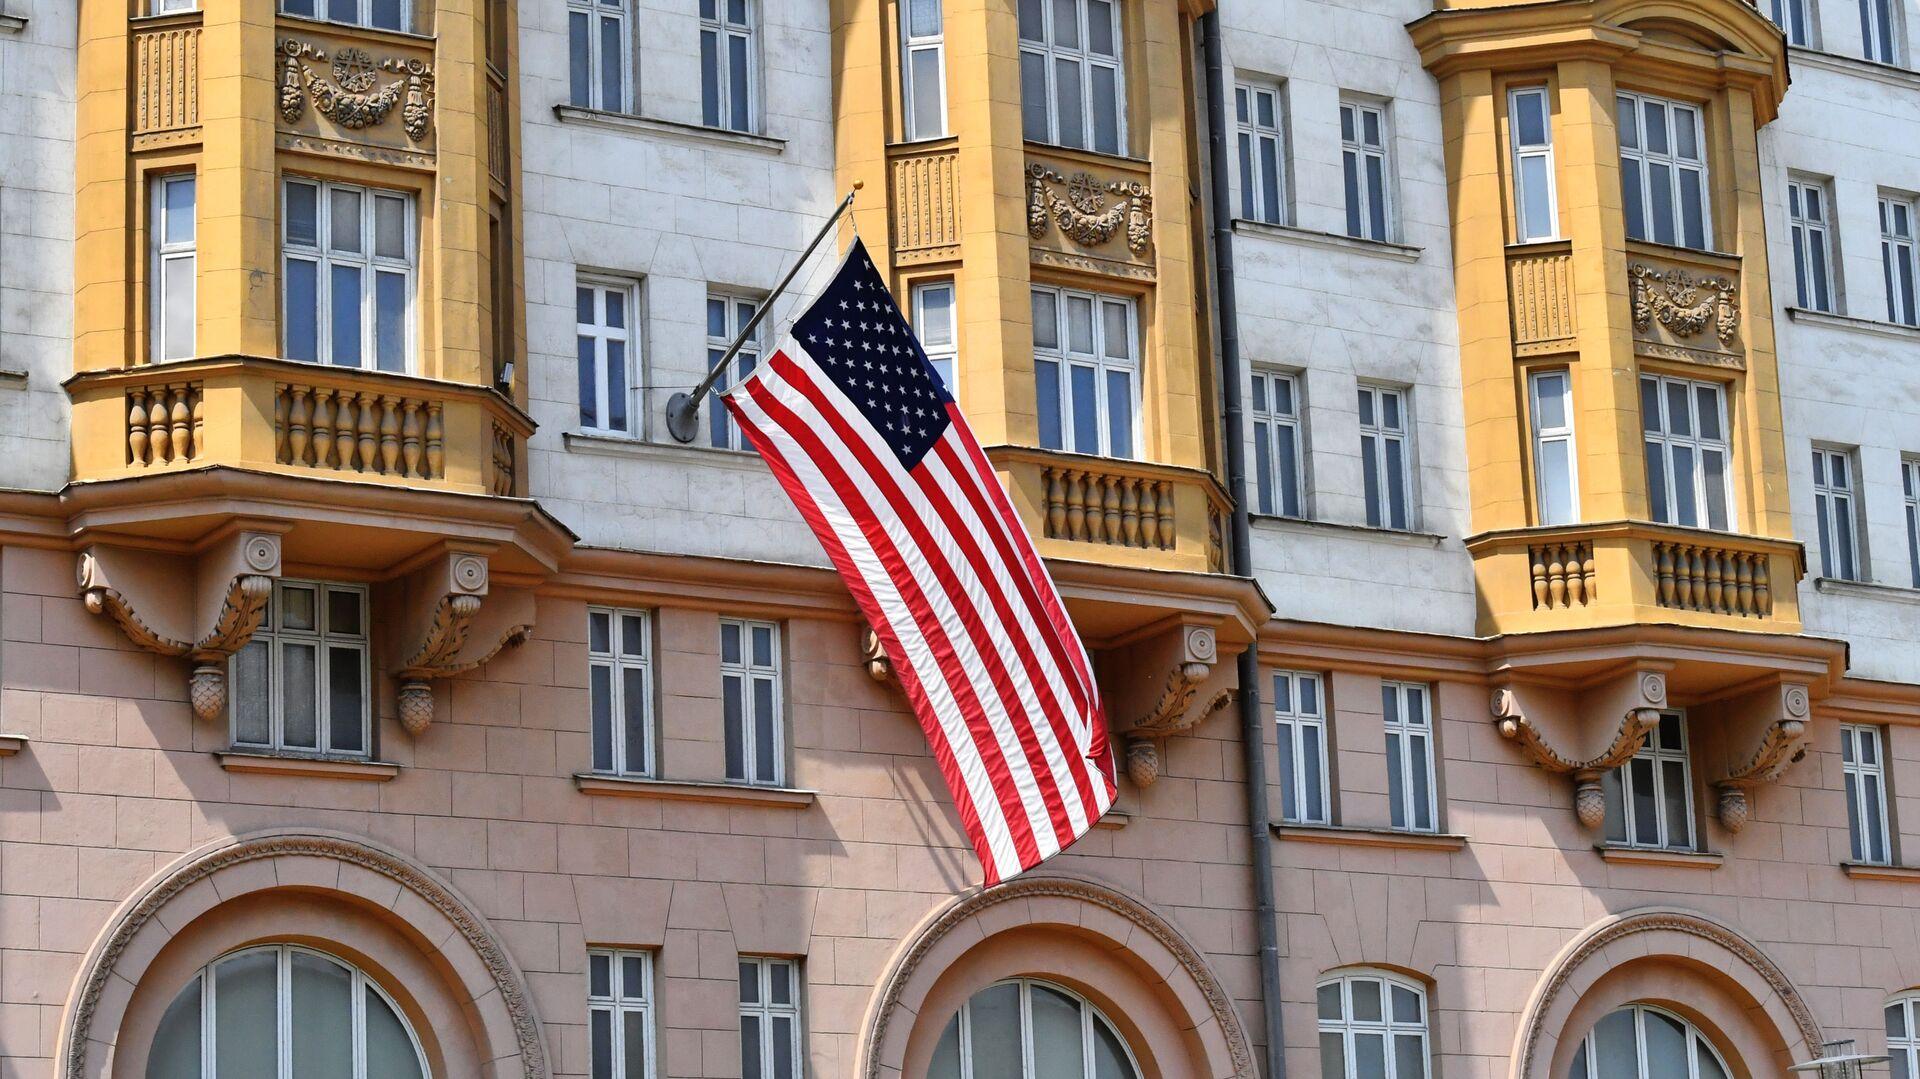 La bandera de EEUU en el edificio de la Embajada en Moscú, Rusia - Sputnik Mundo, 1920, 18.02.2021